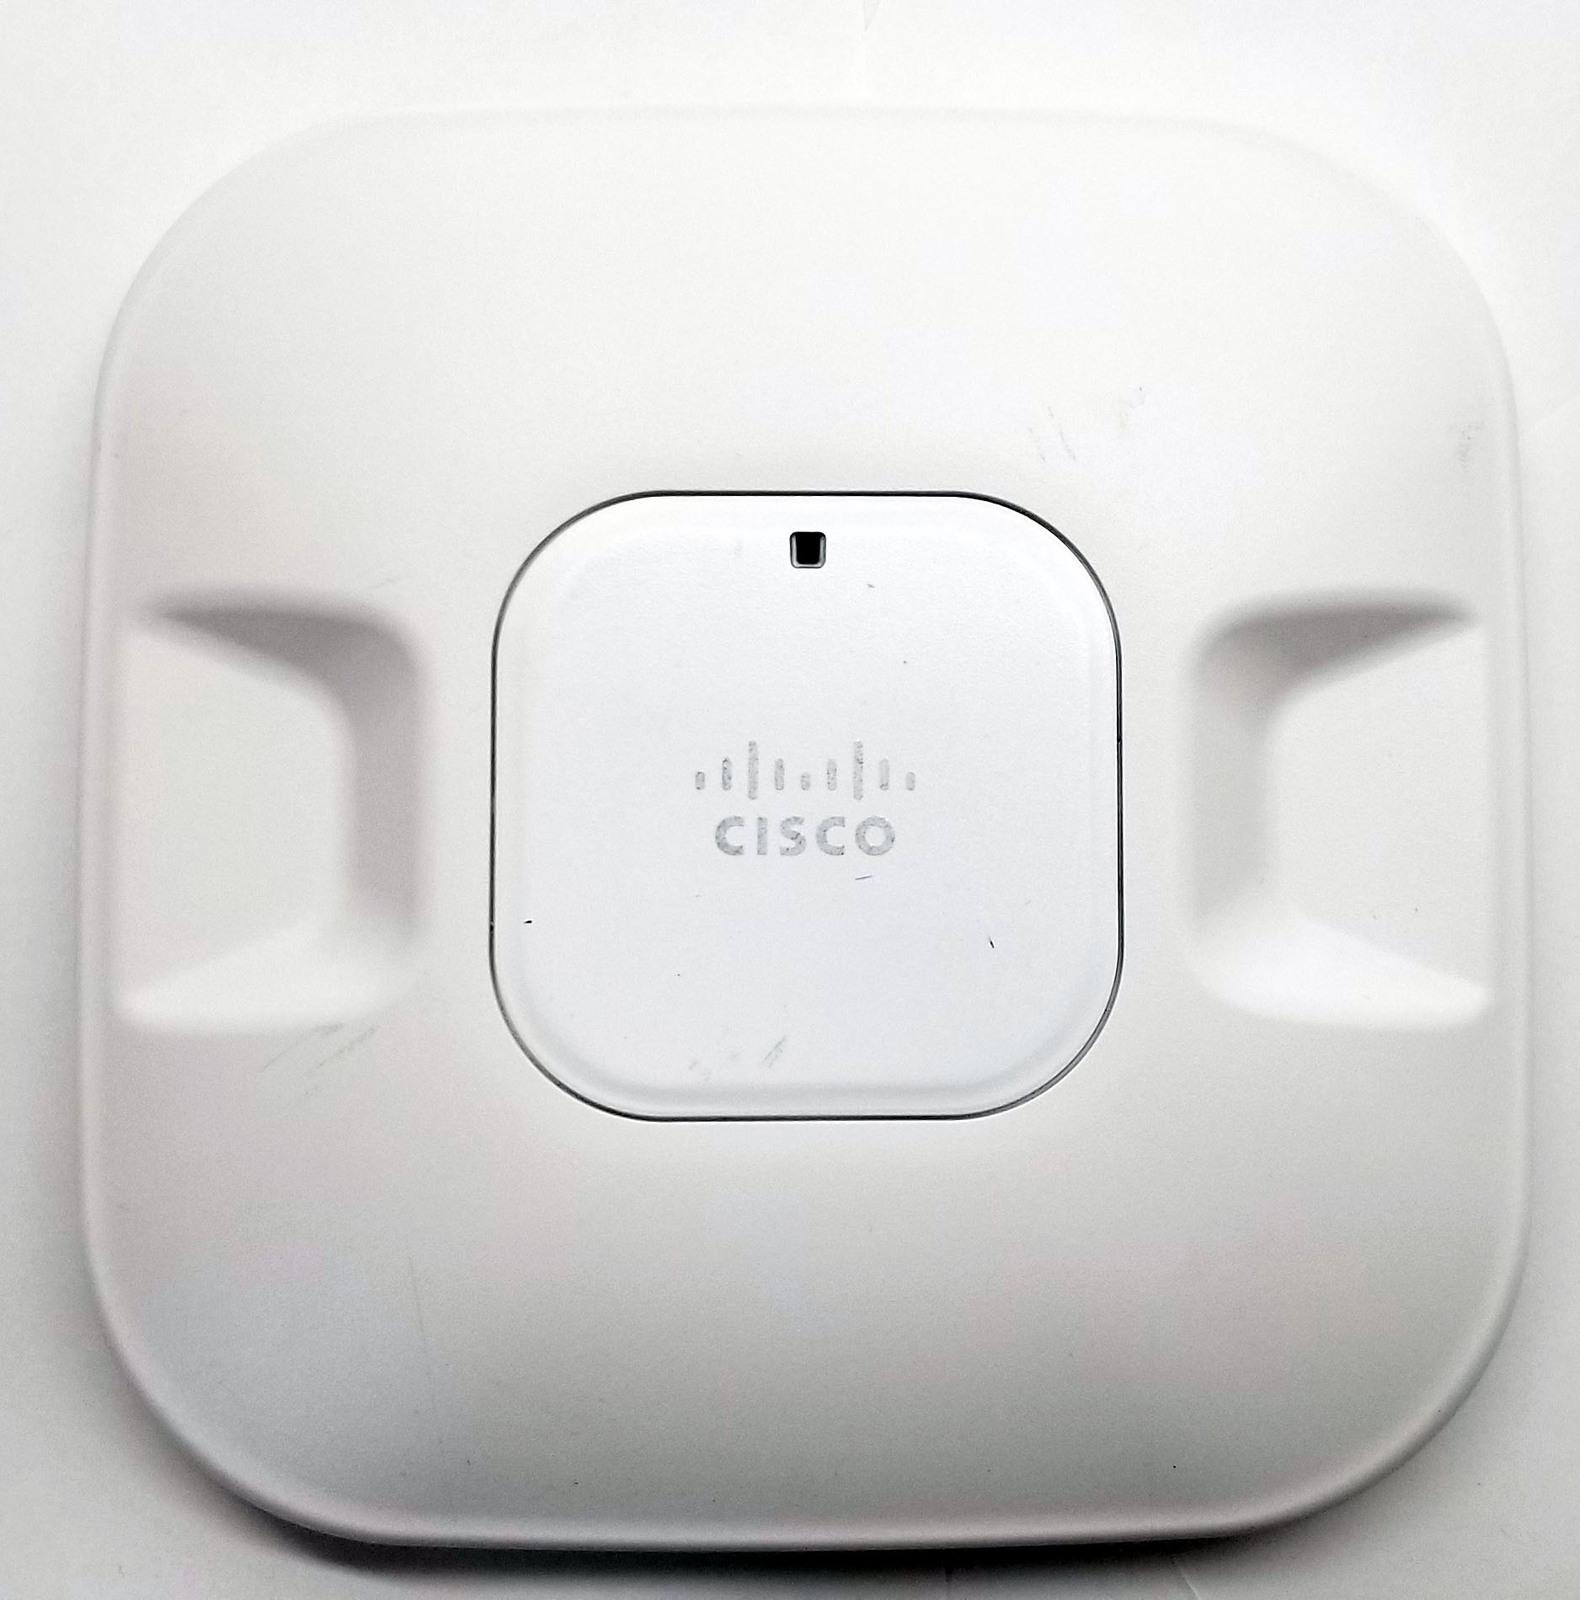 Cisco air lap 1041n a k9 001